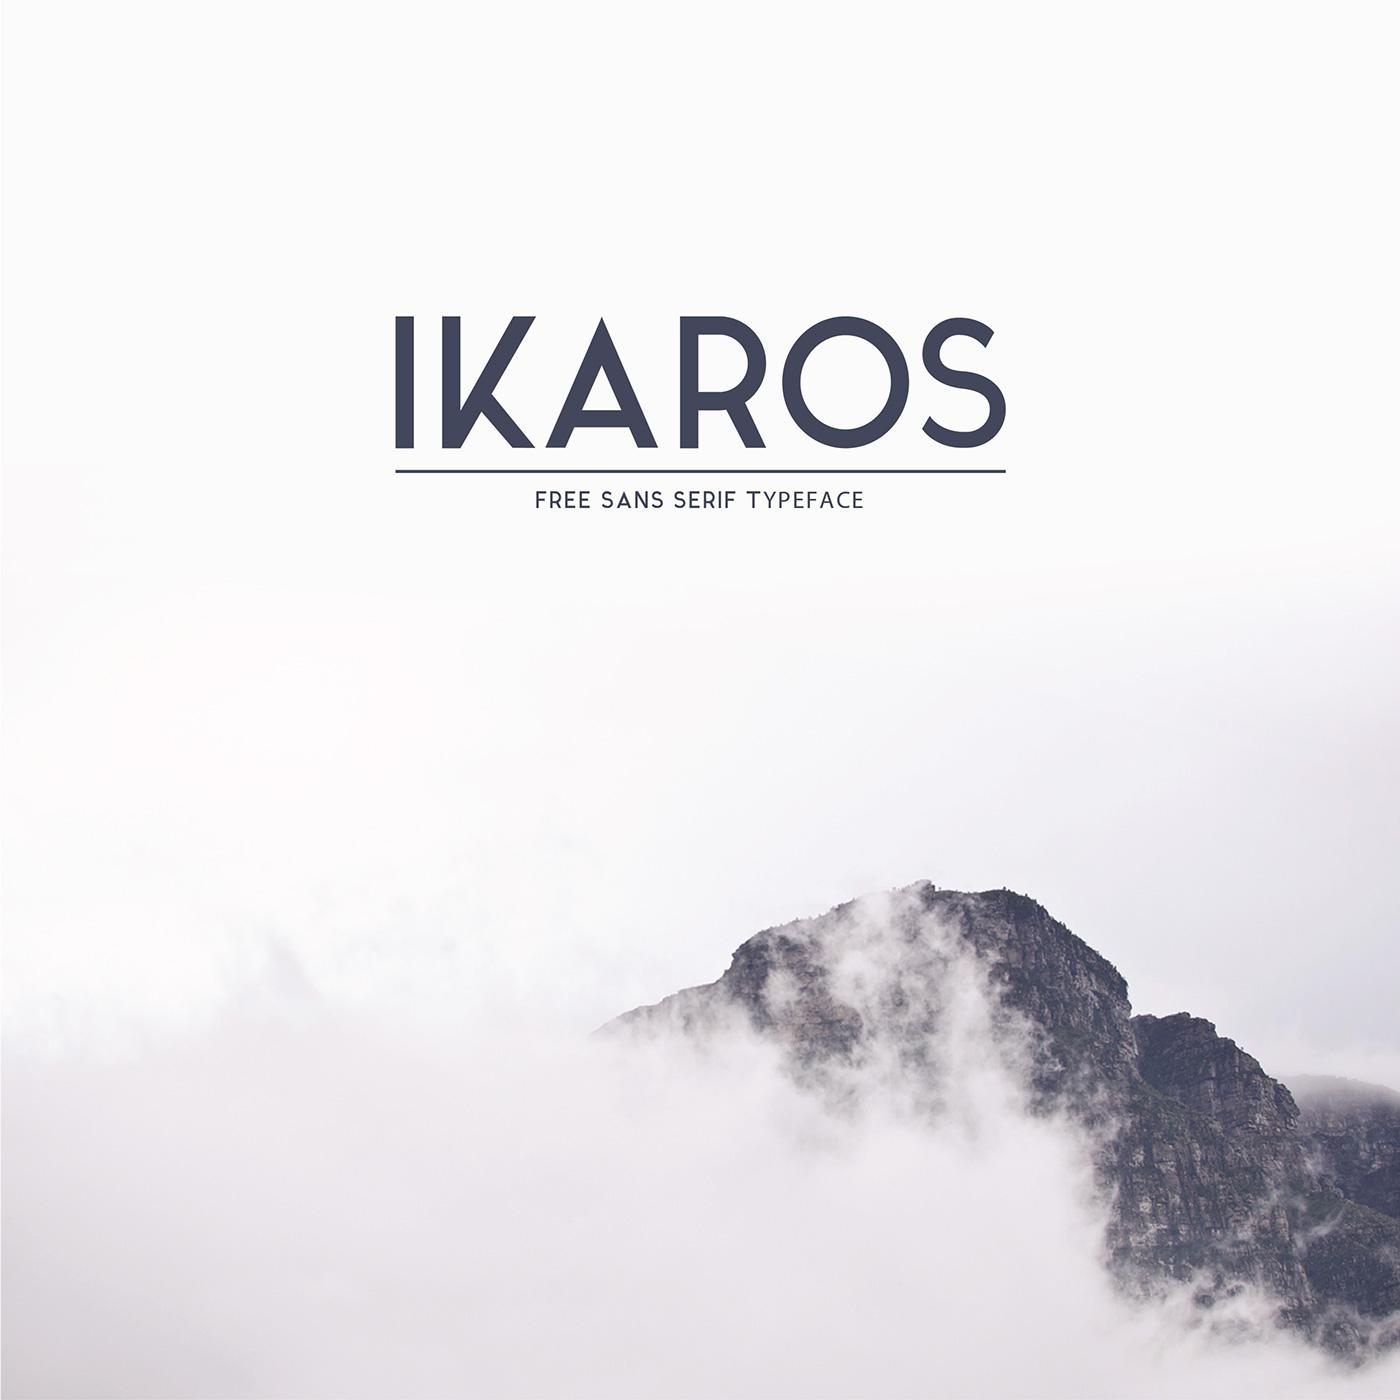 IKAROS Free Typeface – 字体设计欣赏